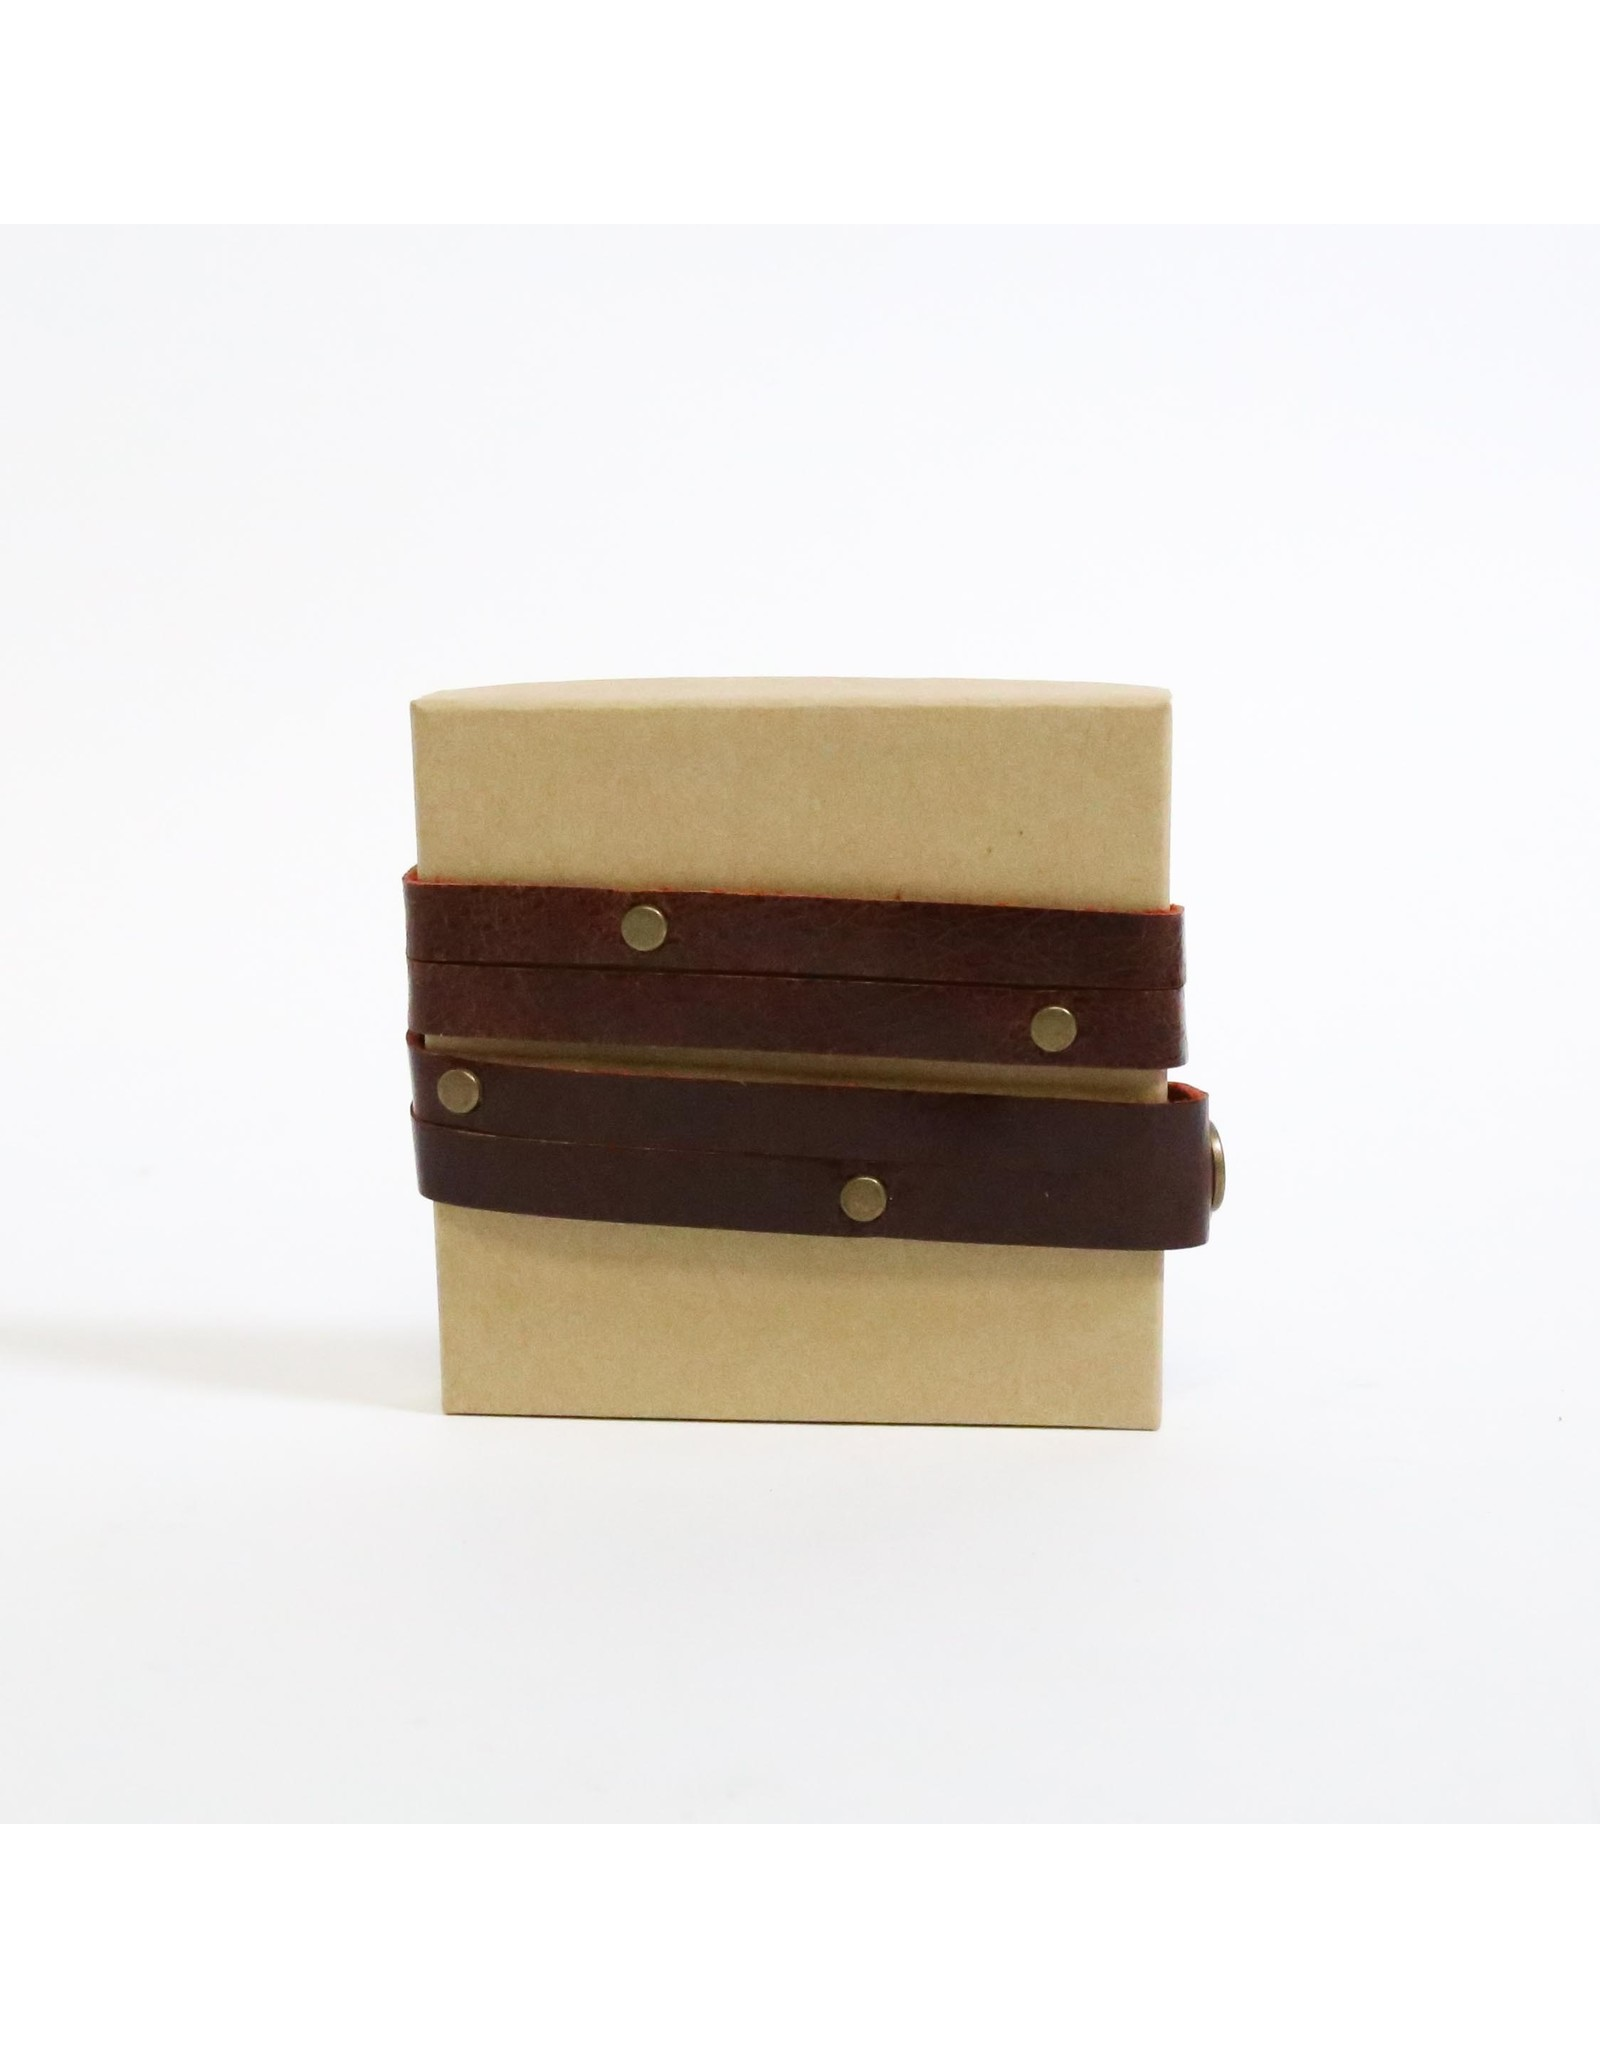 The Sozan Bracelet